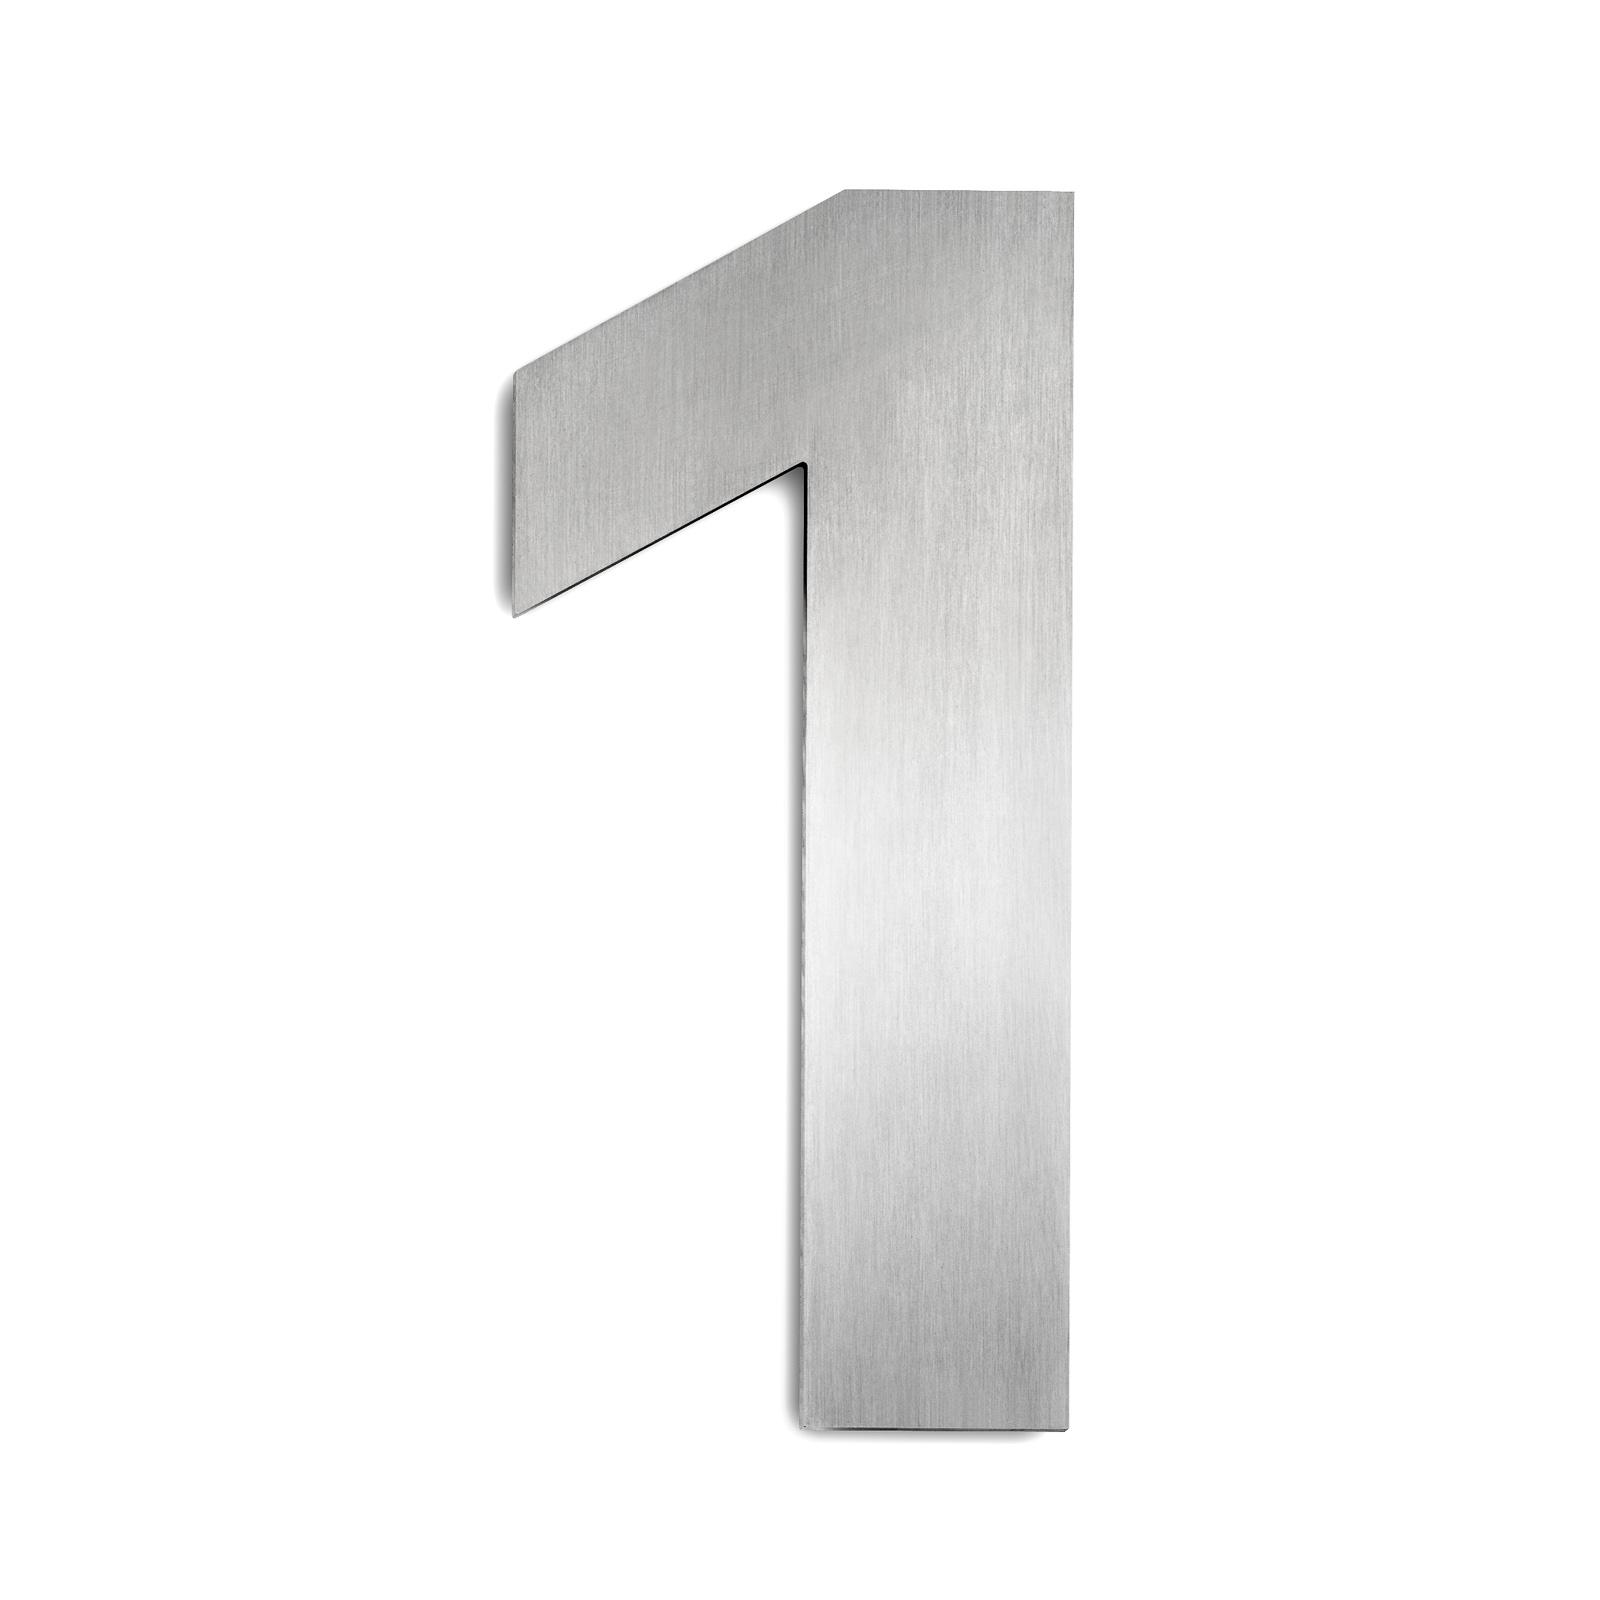 Domovní čísla z ušlechtilé oceli velikost 1